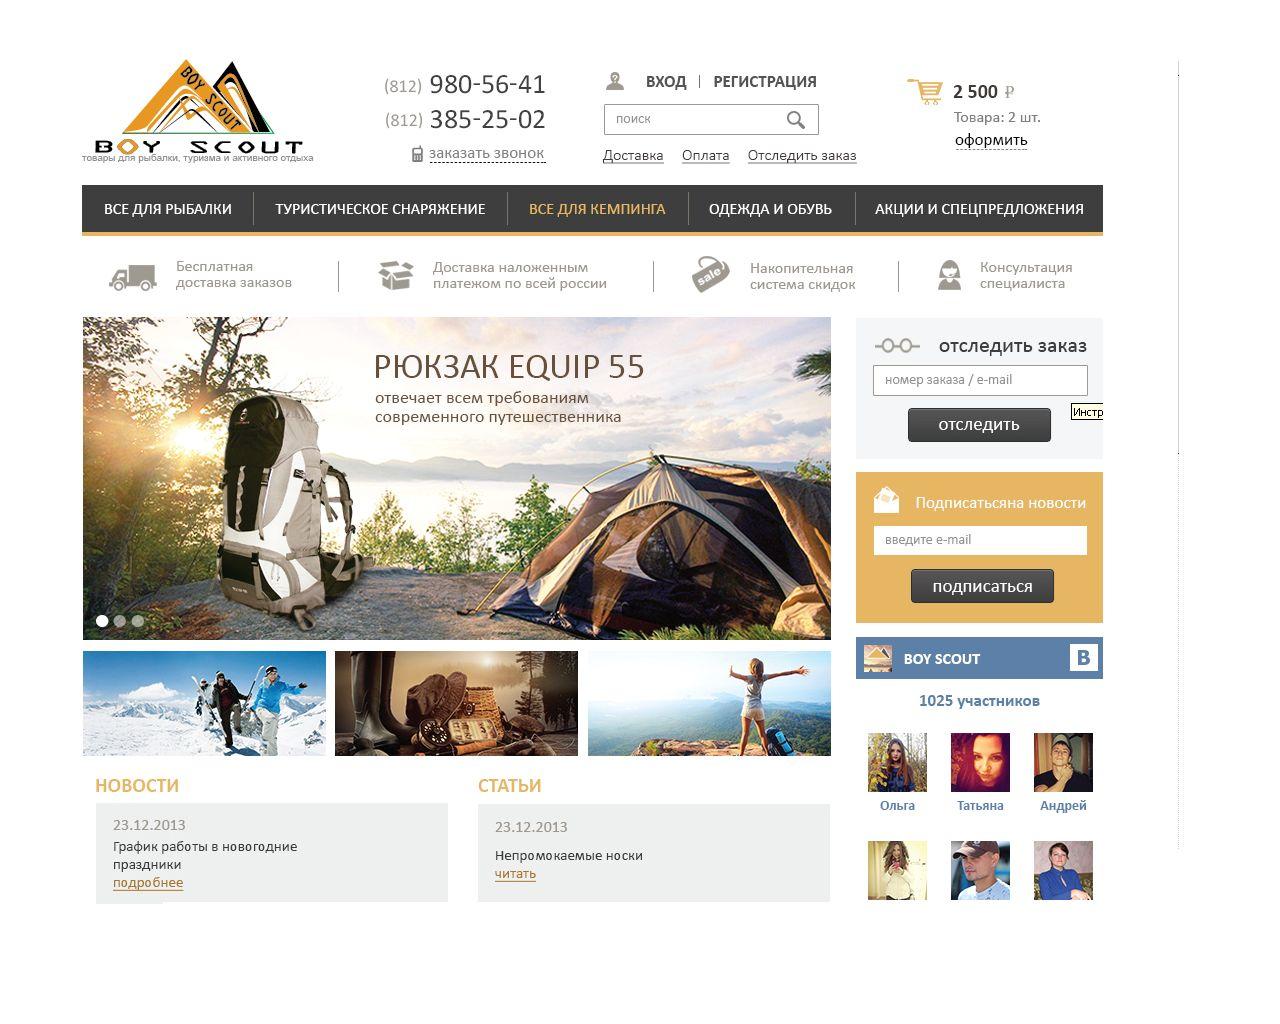 Логотип для сайта интернет-магазина BOY SCOUT - дизайнер GVV